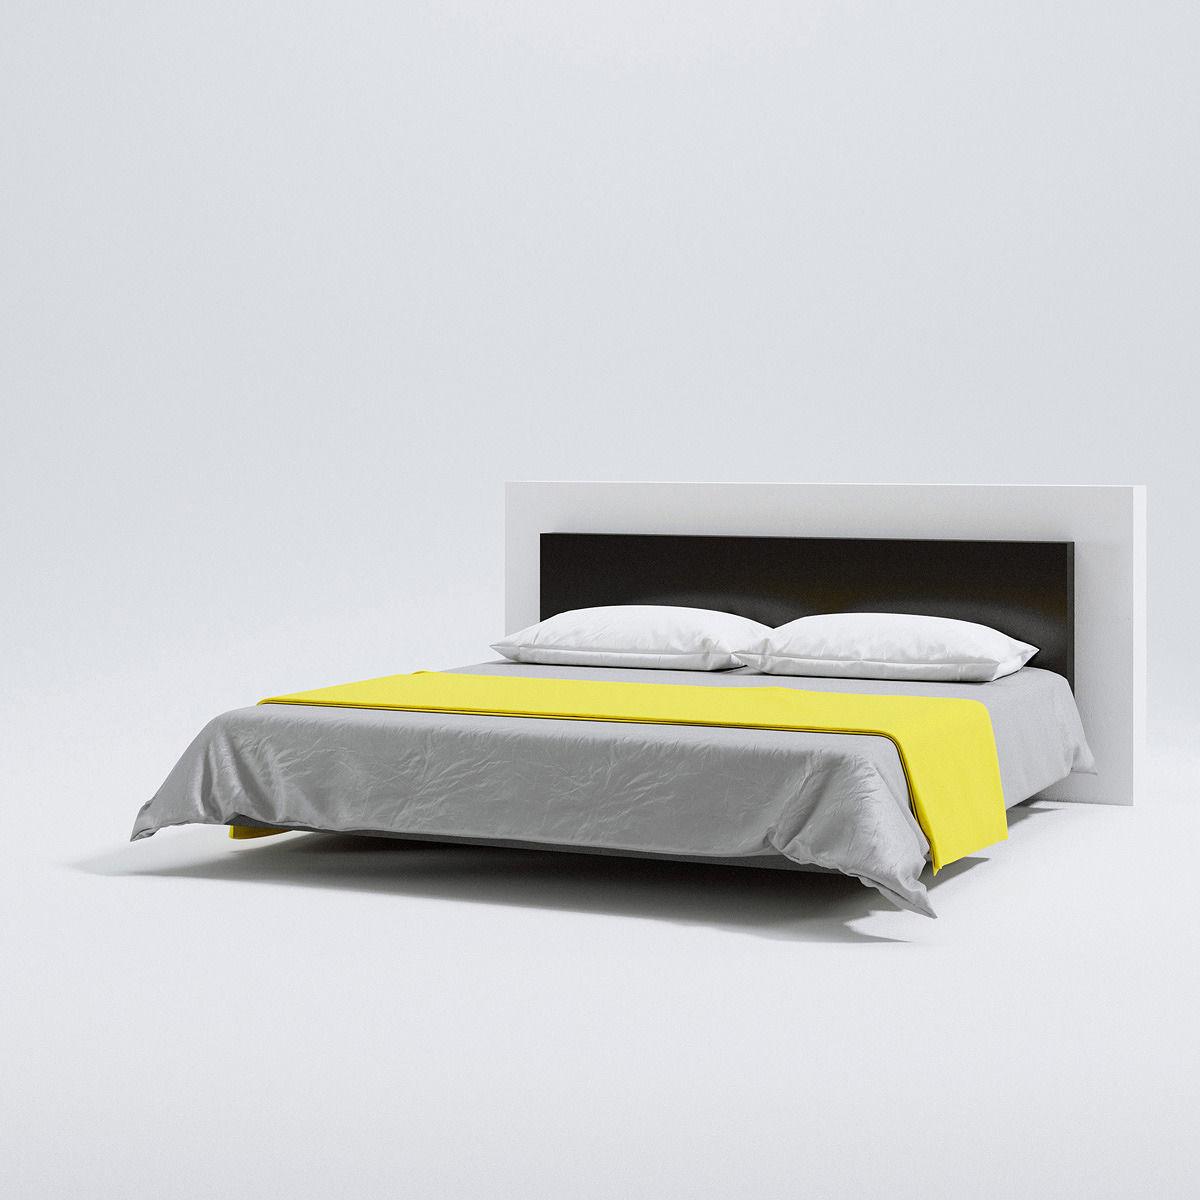 Levitating bed 3d model max obj fbx c4d for Levitating bed